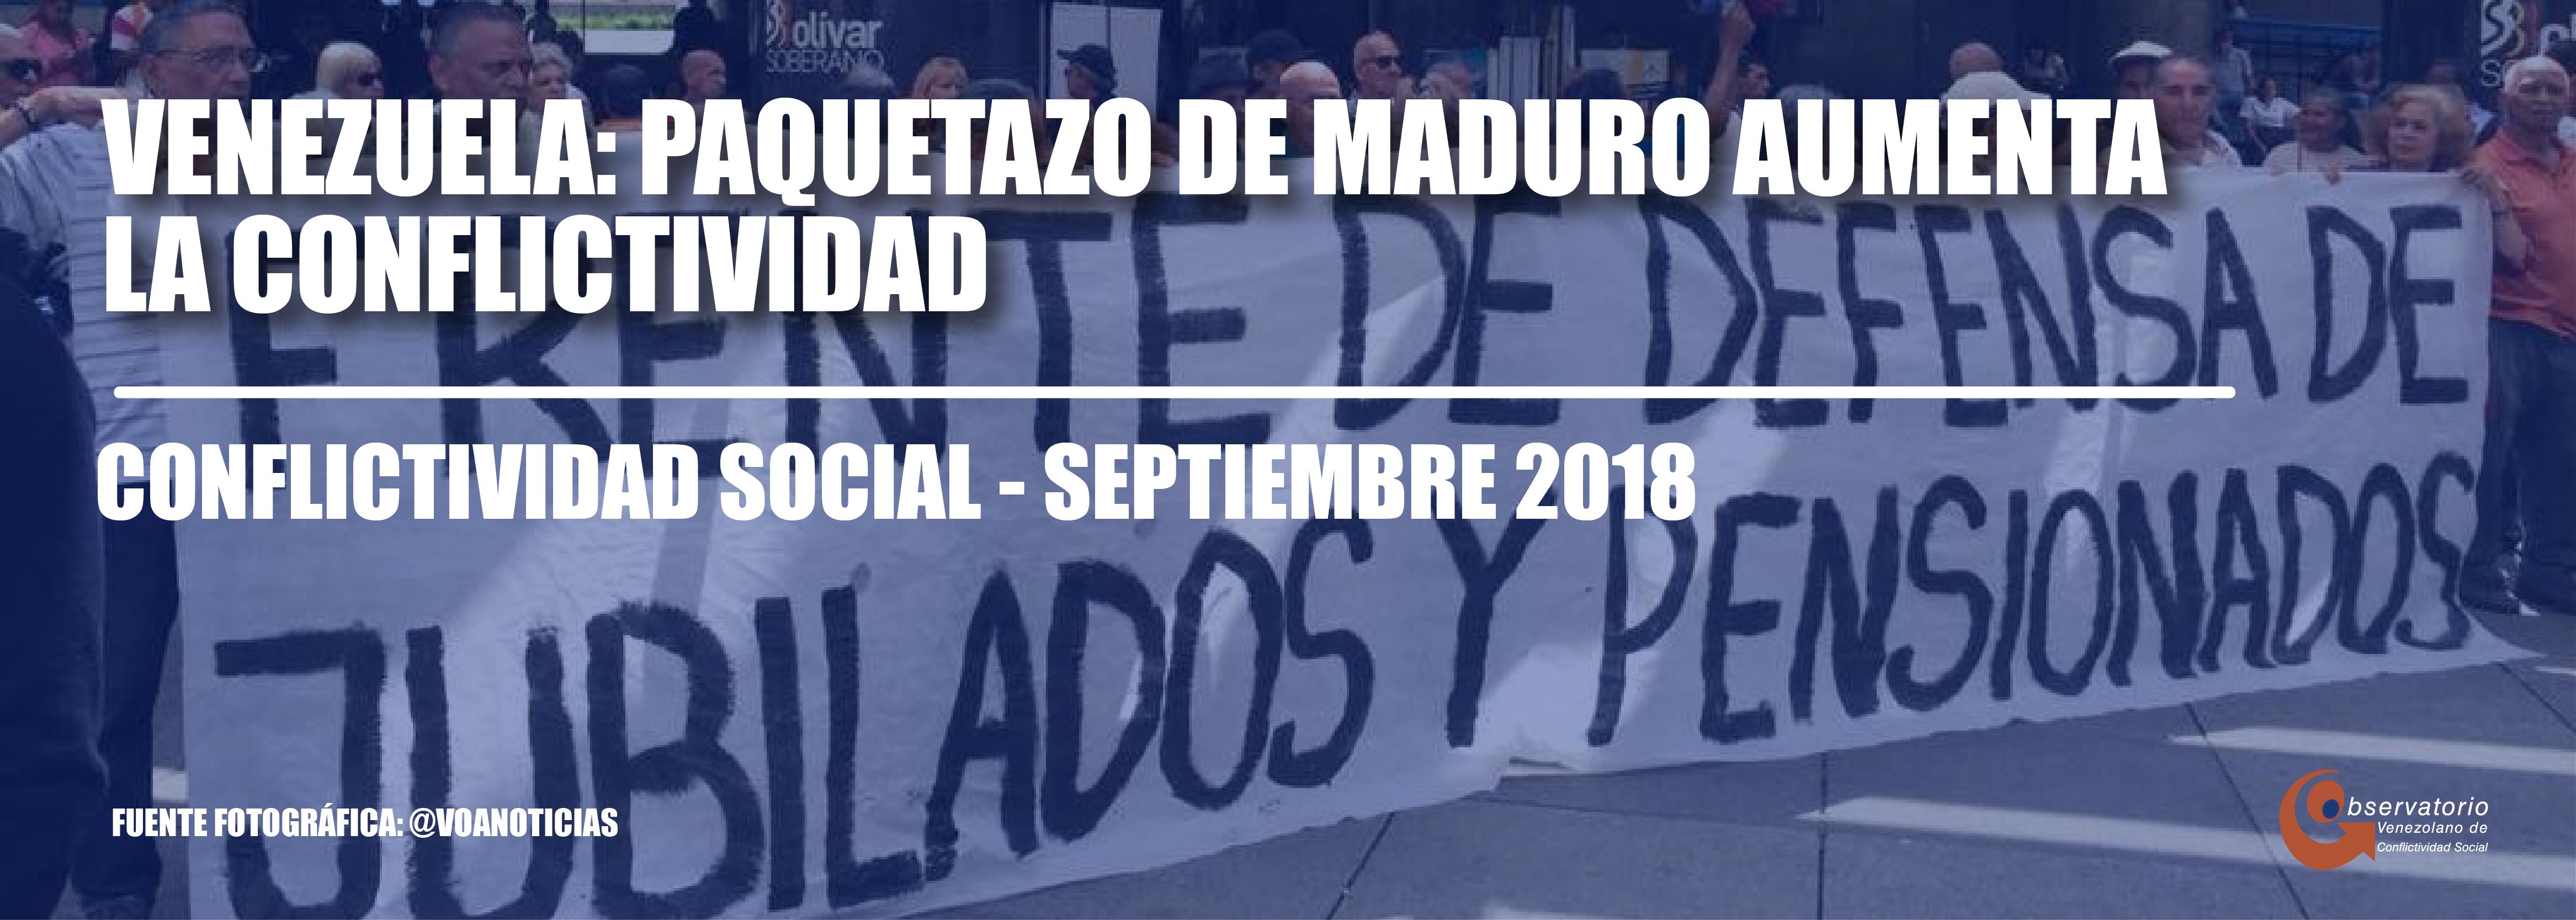 Conflictividad social en Venezuela durante septiembre de 2018